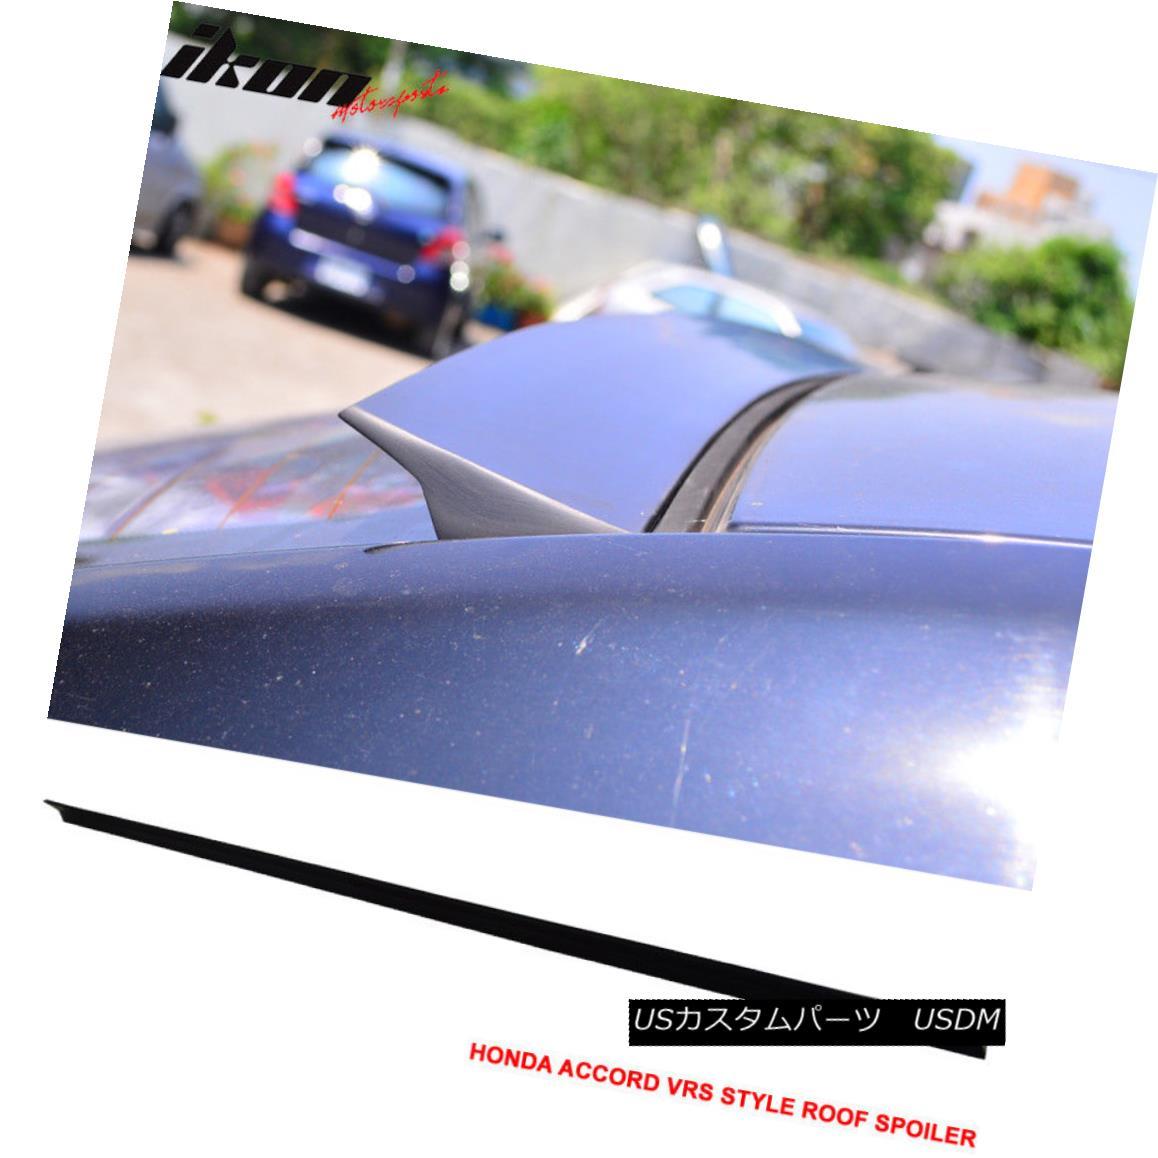 エアロパーツ Fit 08-12 Honda Accord 8th VRS Style Roof Spoiler Unpainted Black - PUF フィット08-12ホンダアコード8th VRSスタイルルーフスポイラー無塗装黒 - PUF